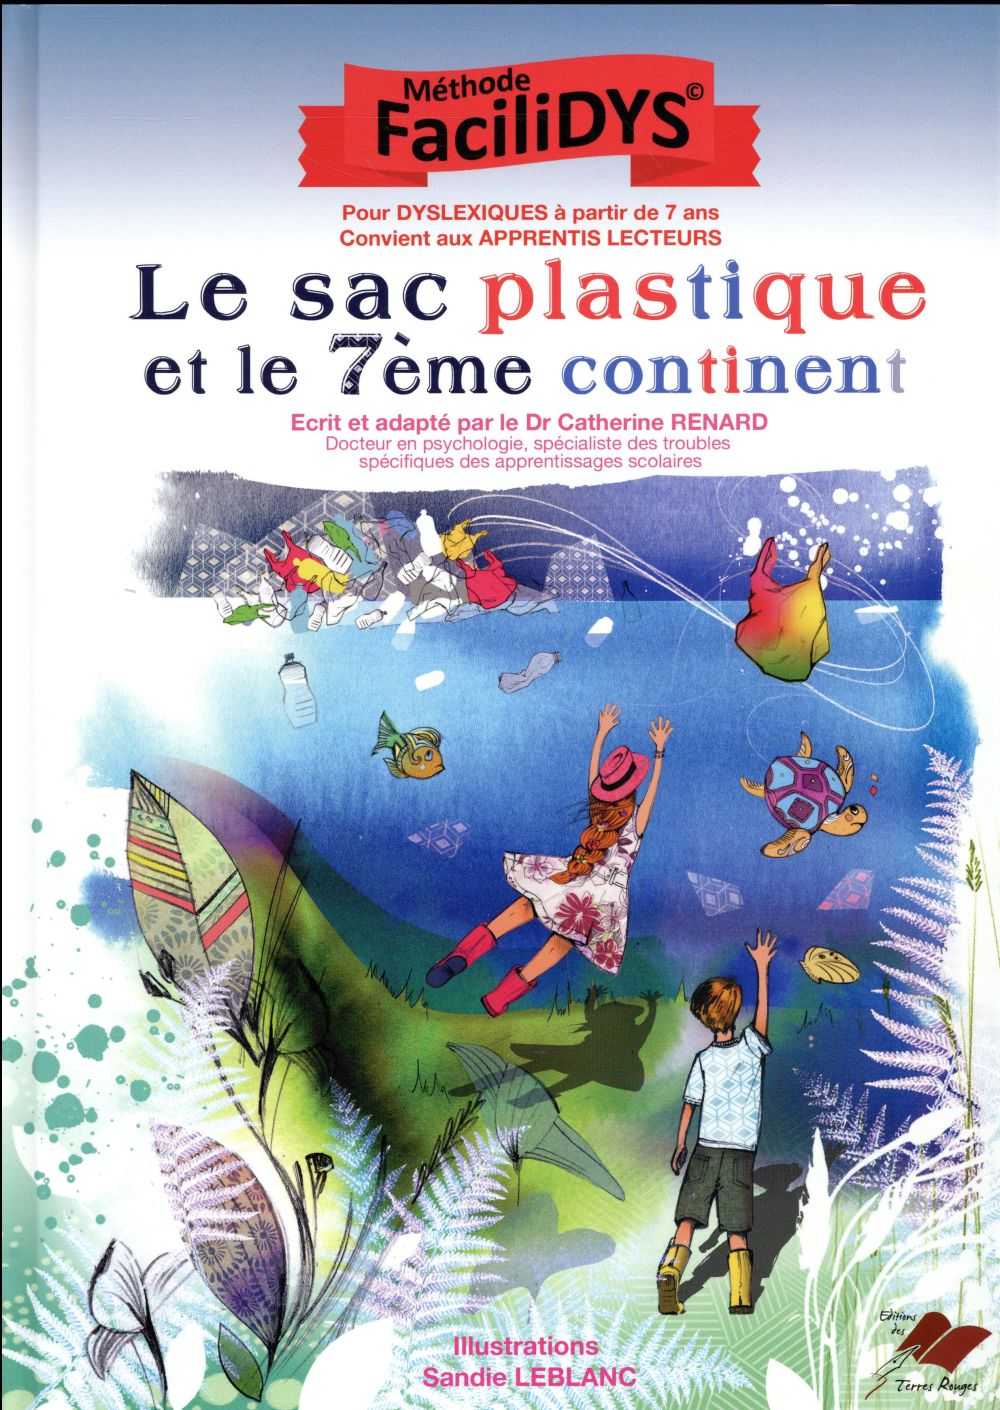 Le sac plastique et le 7ème continent